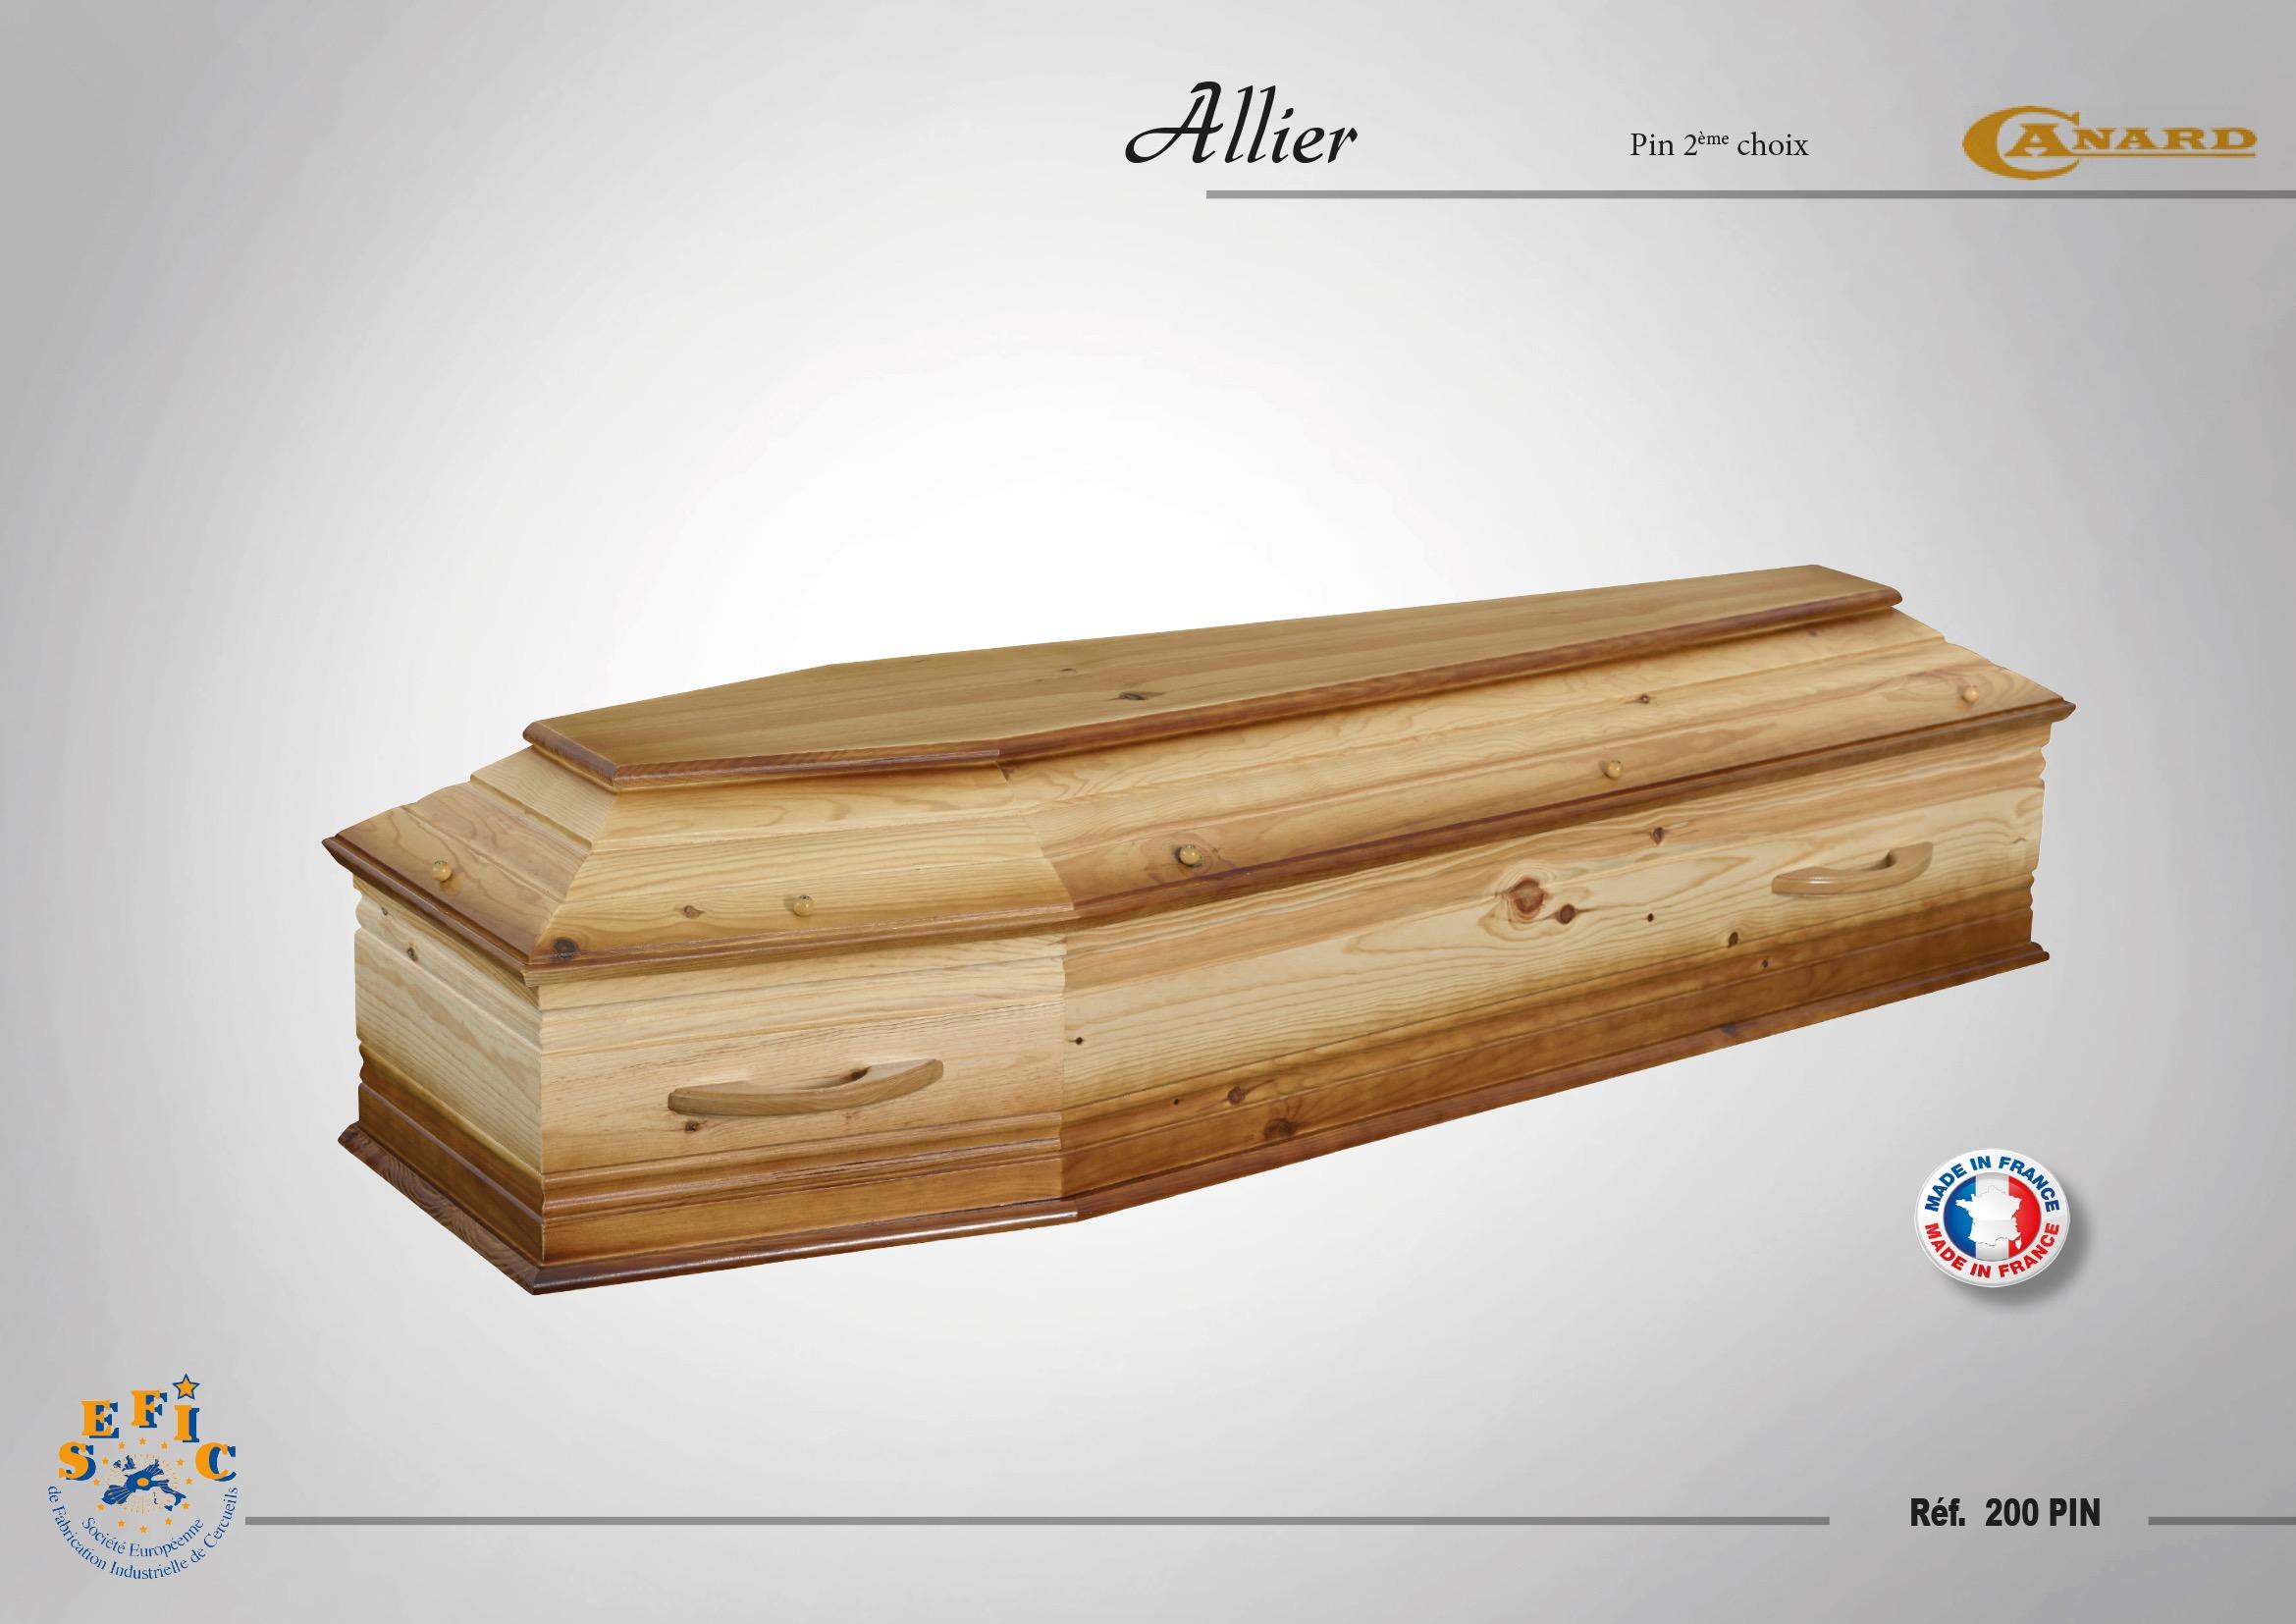 Cercueil Crémation / Inhumation Allier